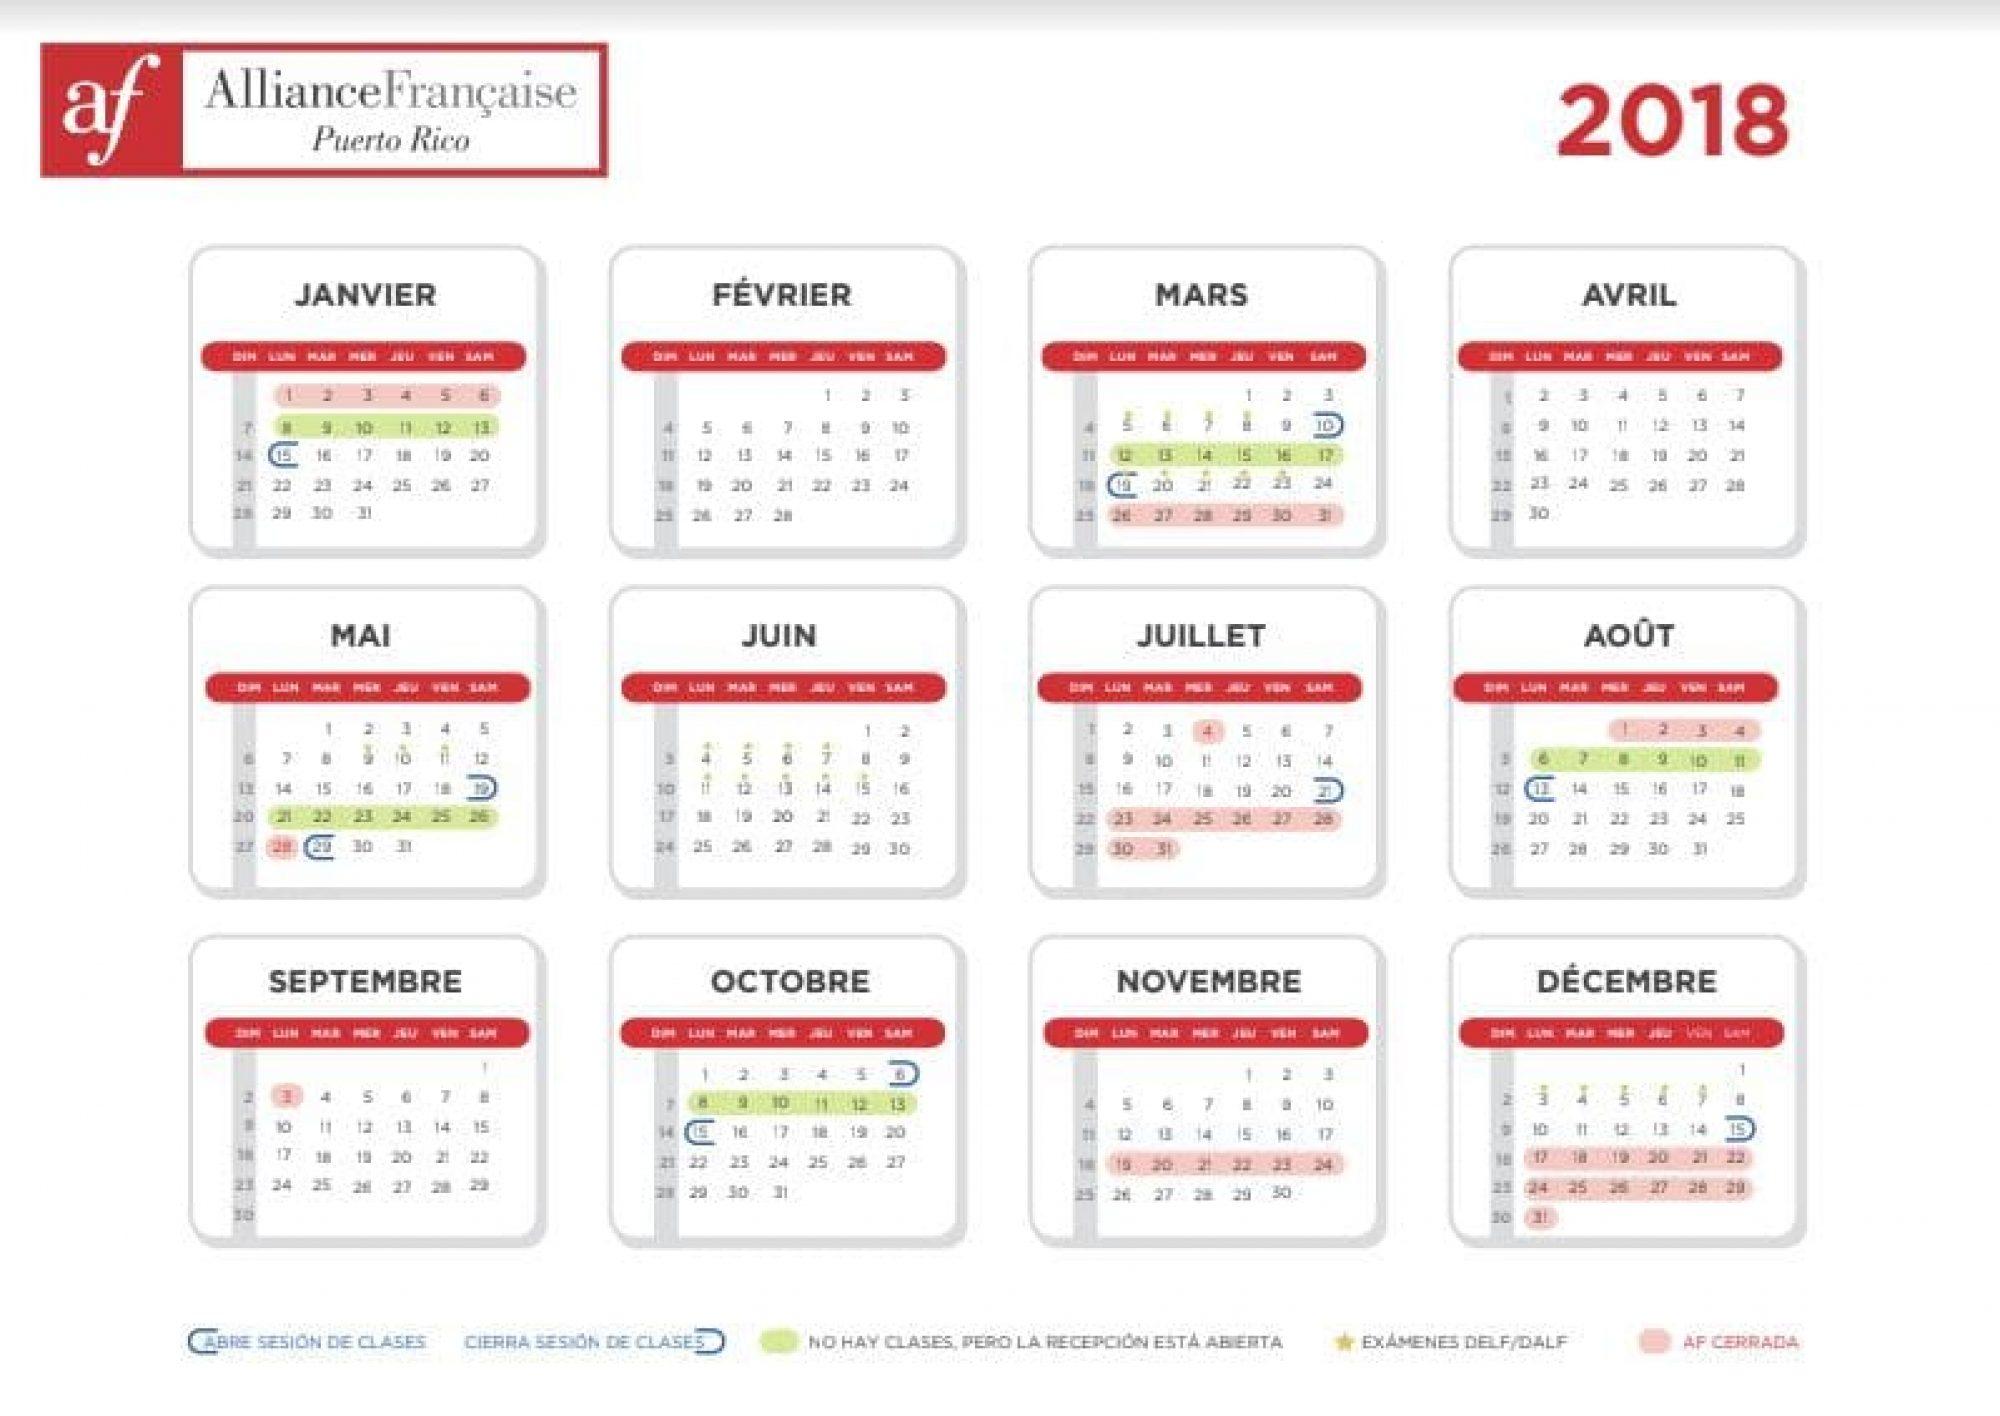 Calendario de la Alianza Francesa de Puerto Rico